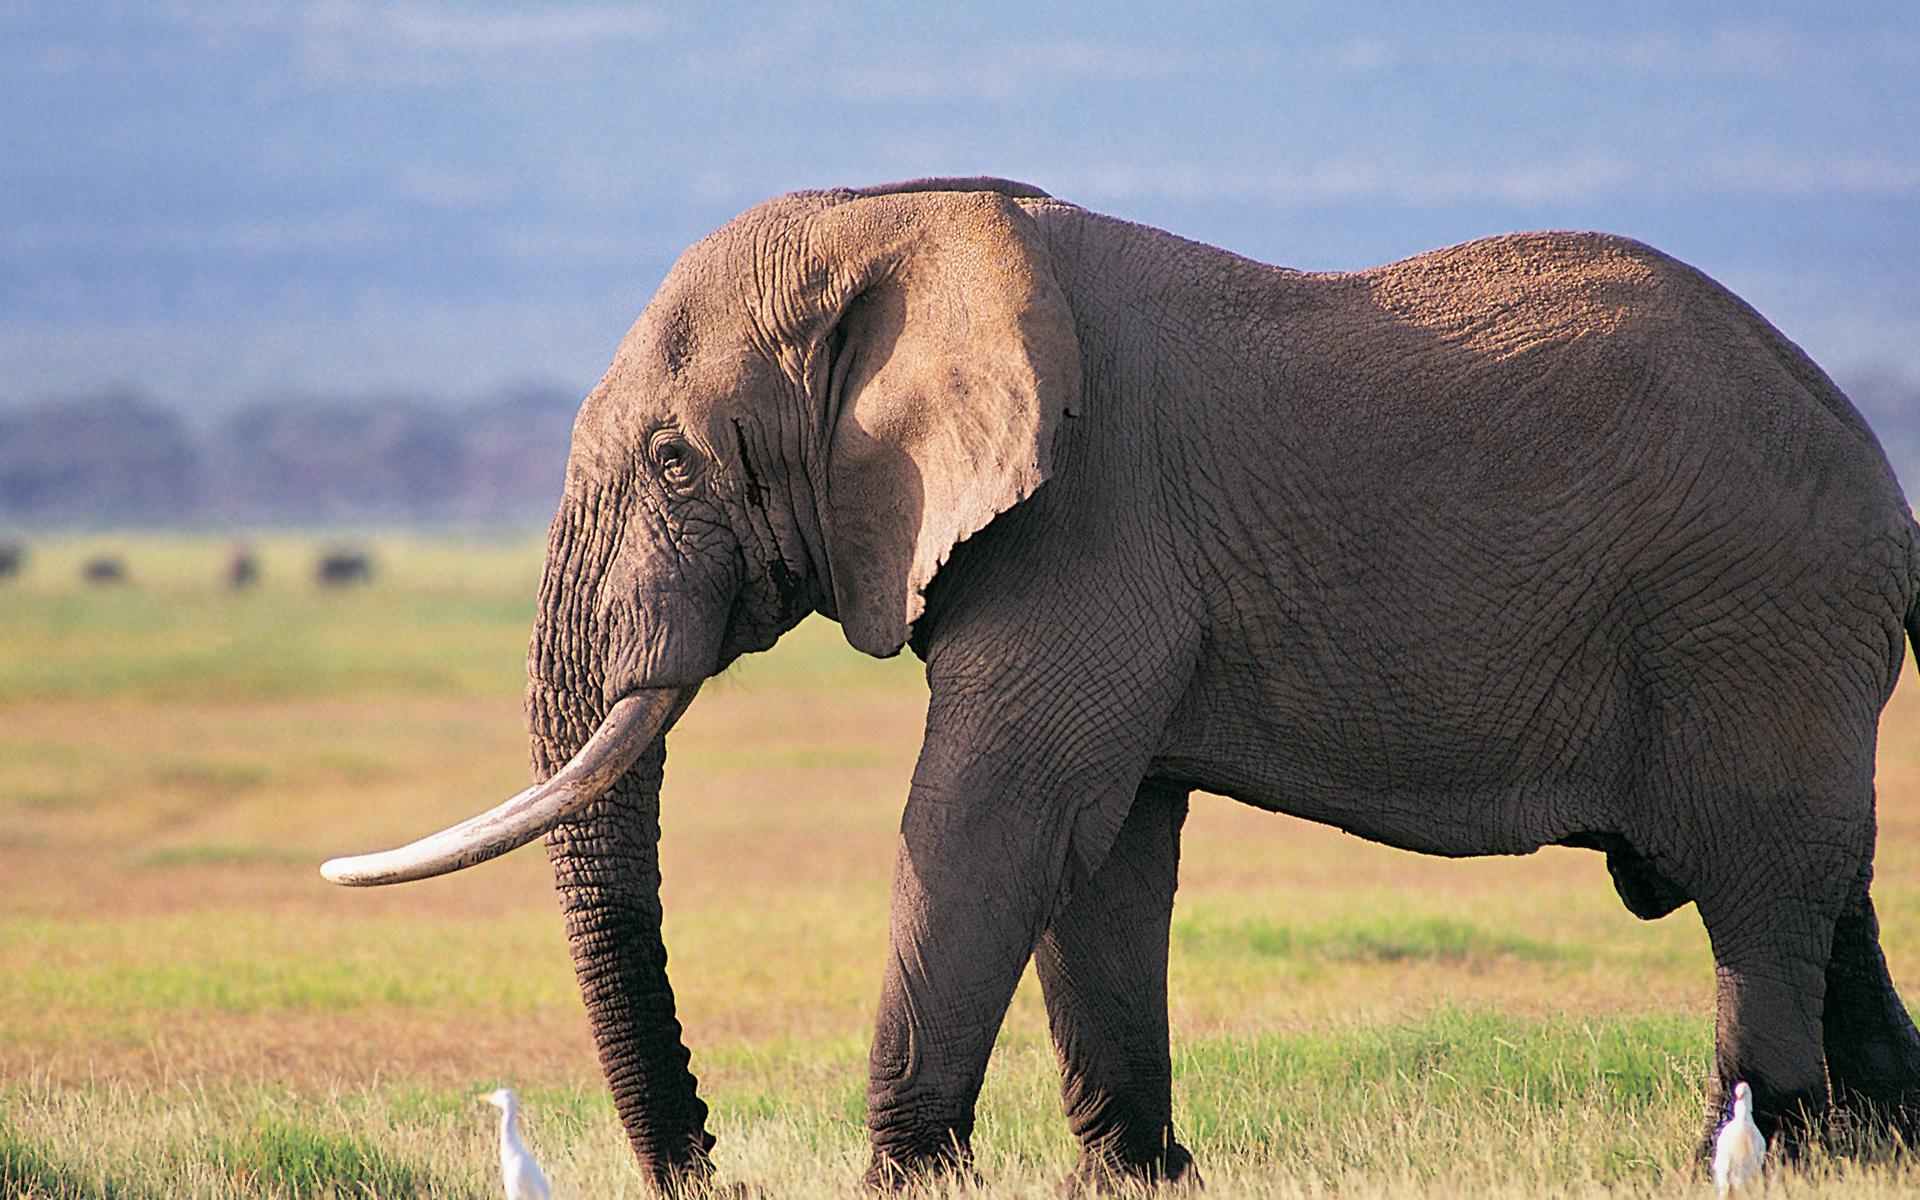 bull elephant wallpaper